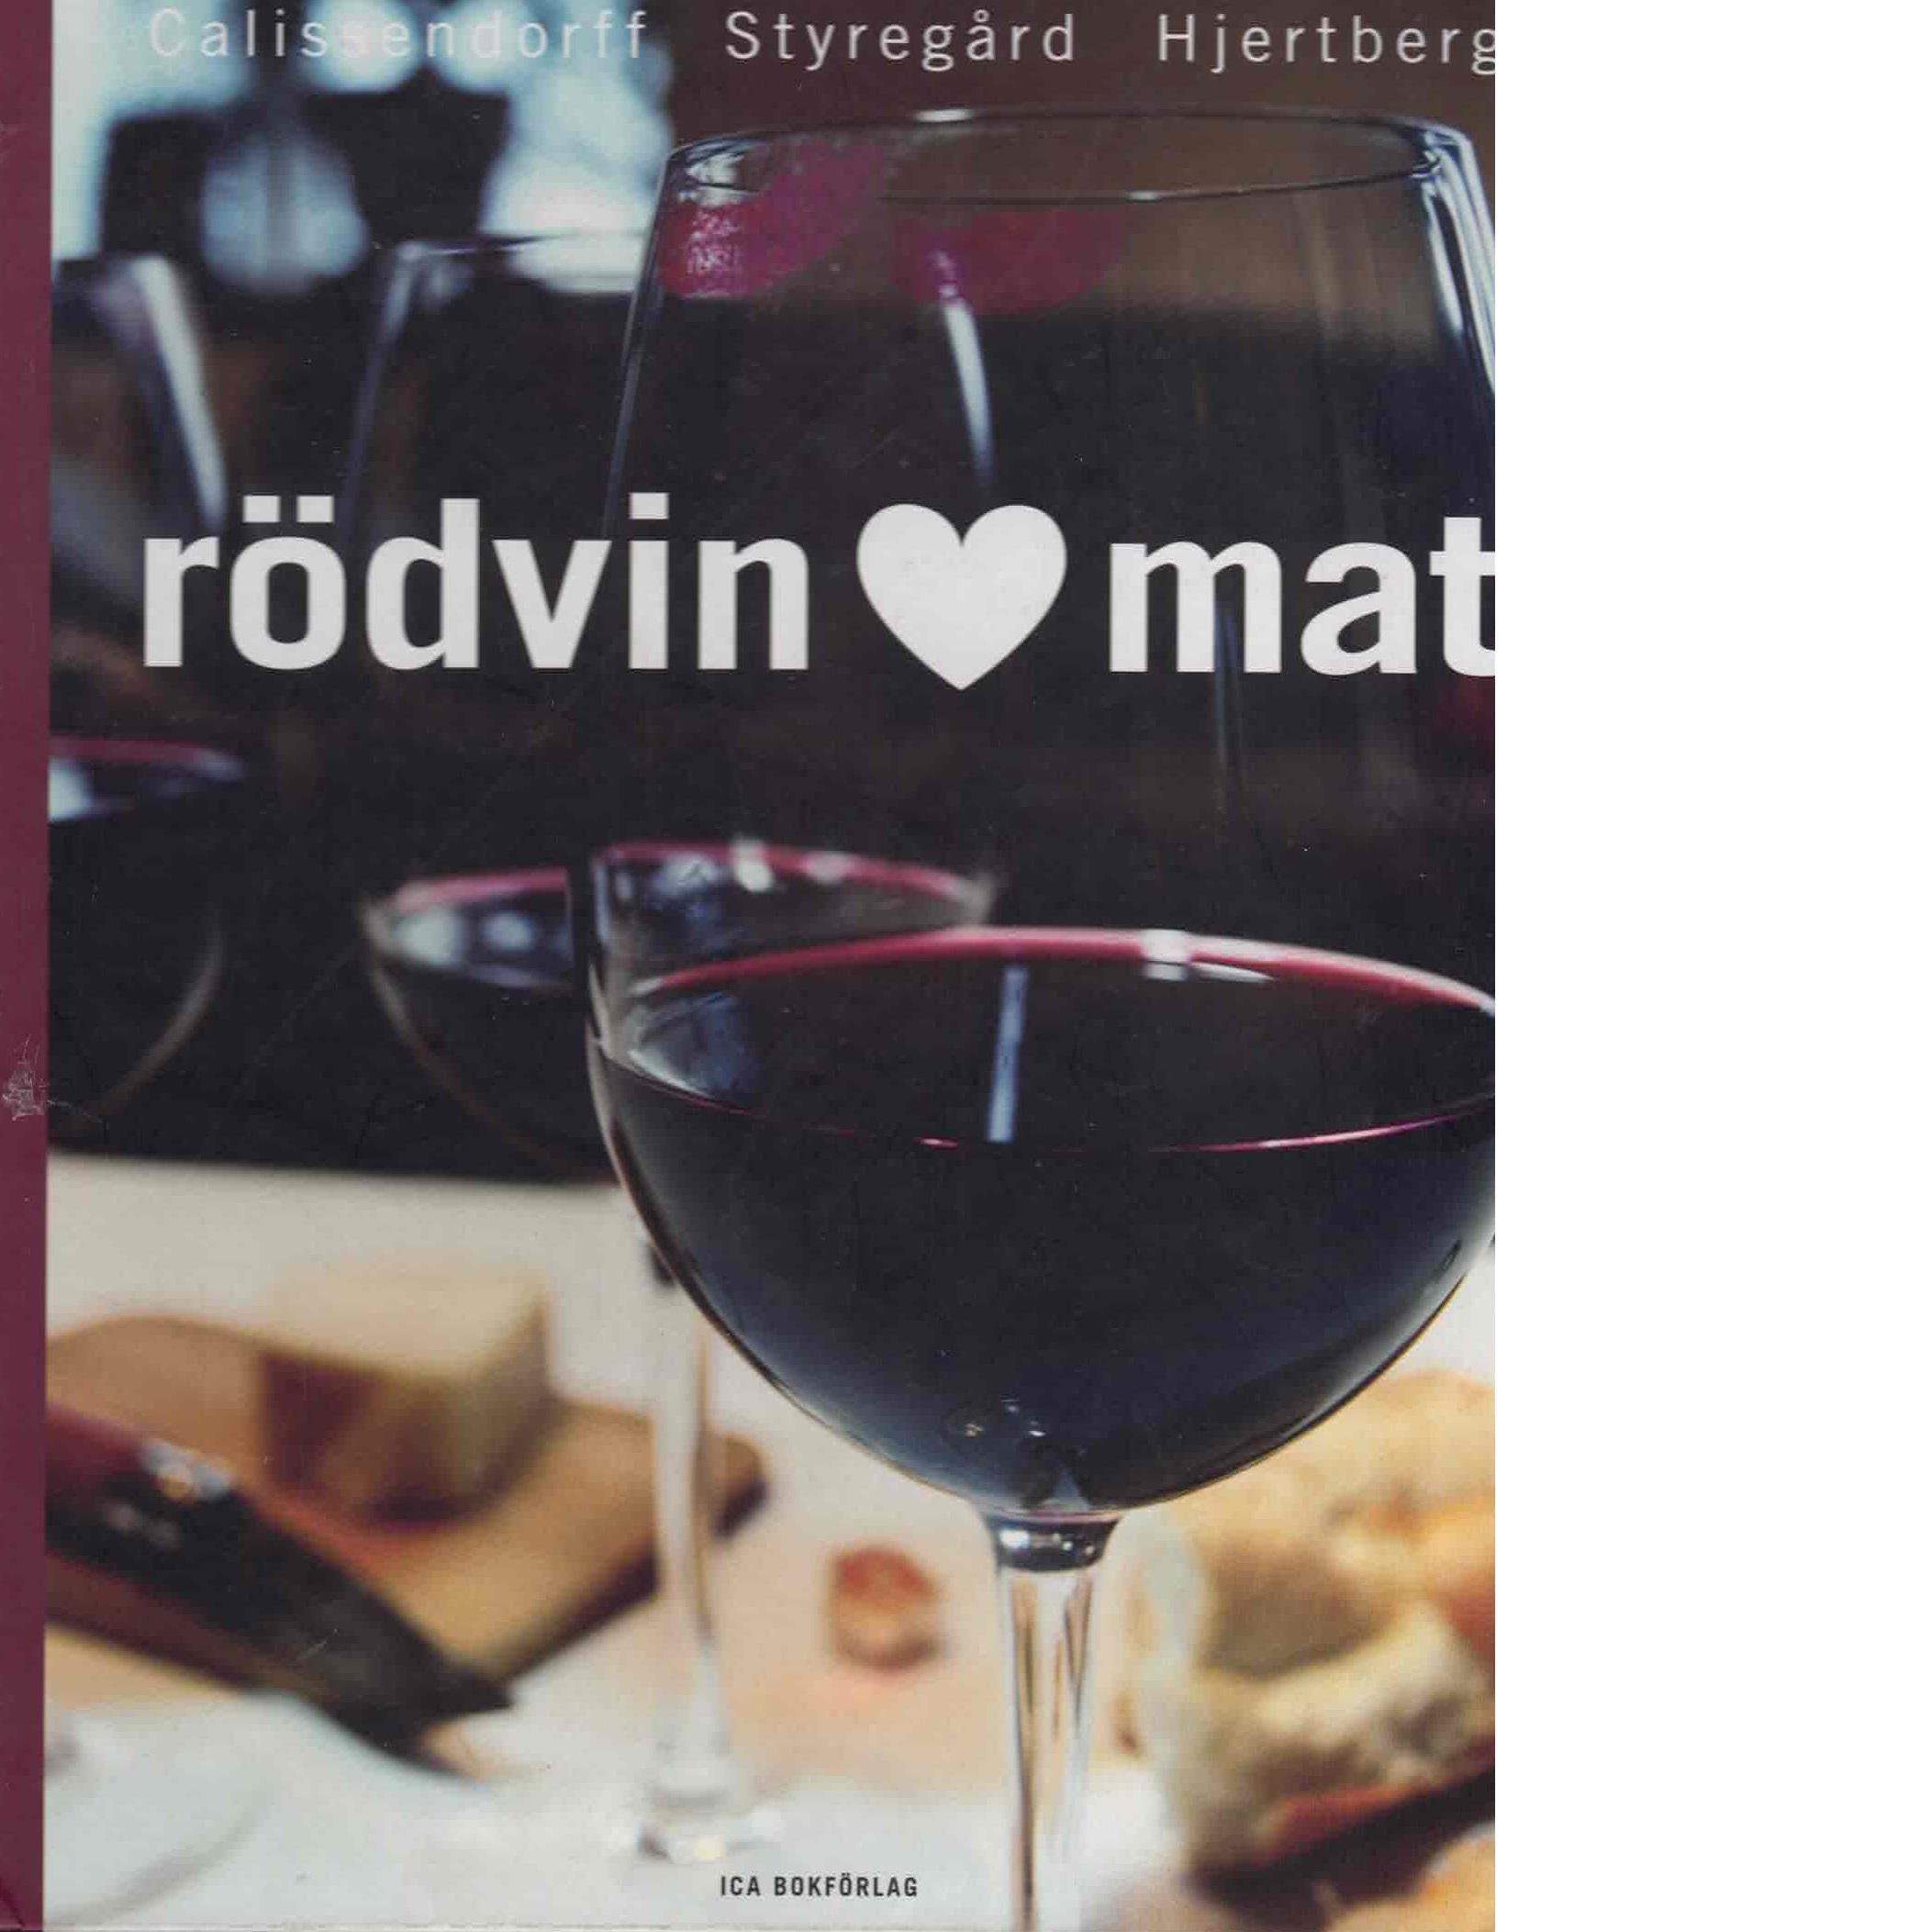 Rödvin älskar mat - Styregård, Per och Calissendorff, Anders